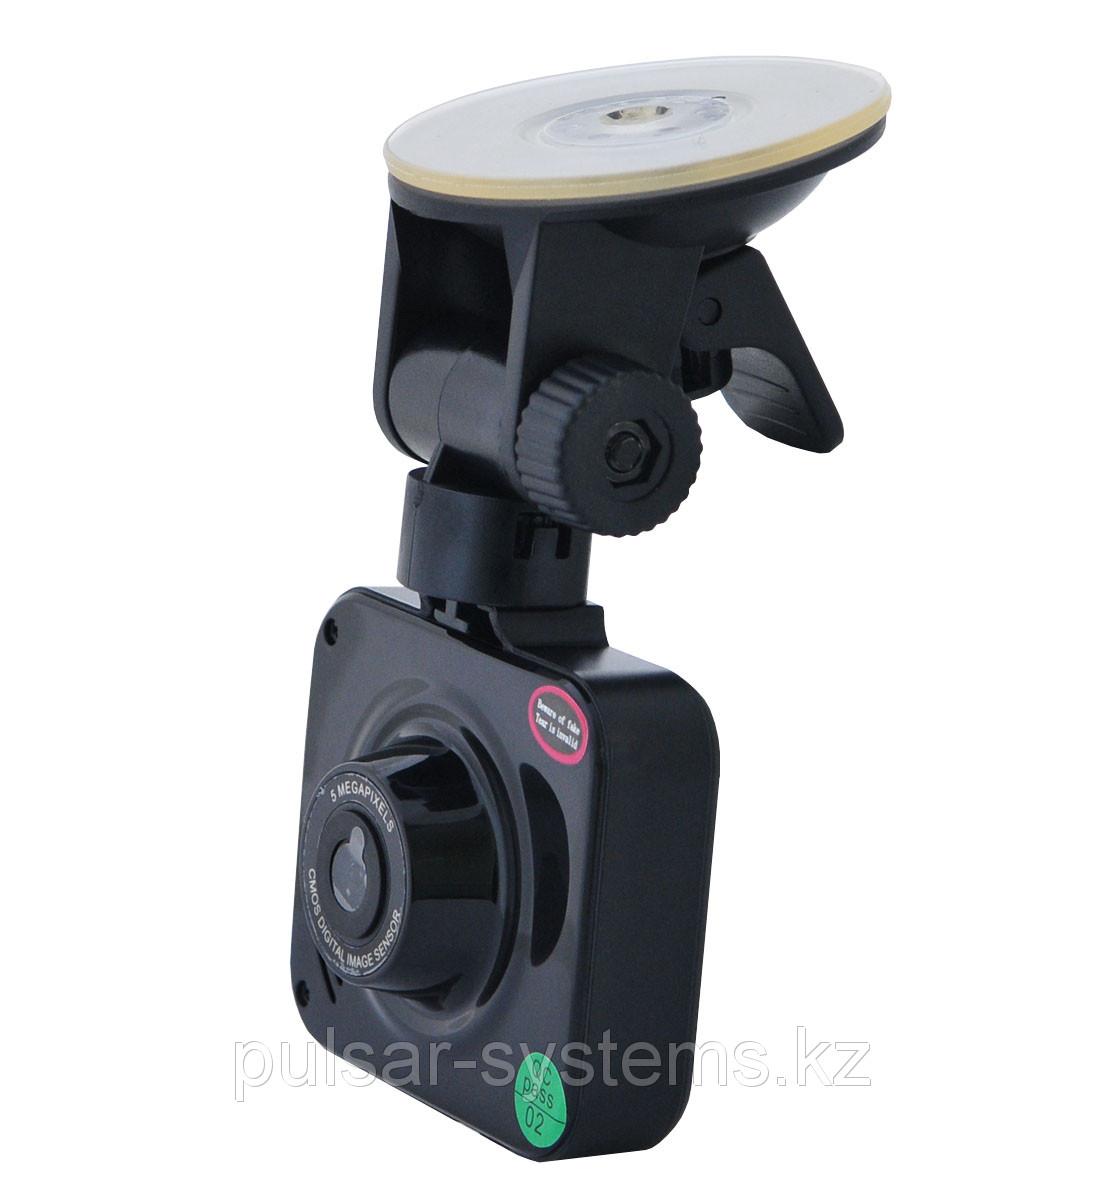 Автомобильный видеорегистратор INCAR VR-518